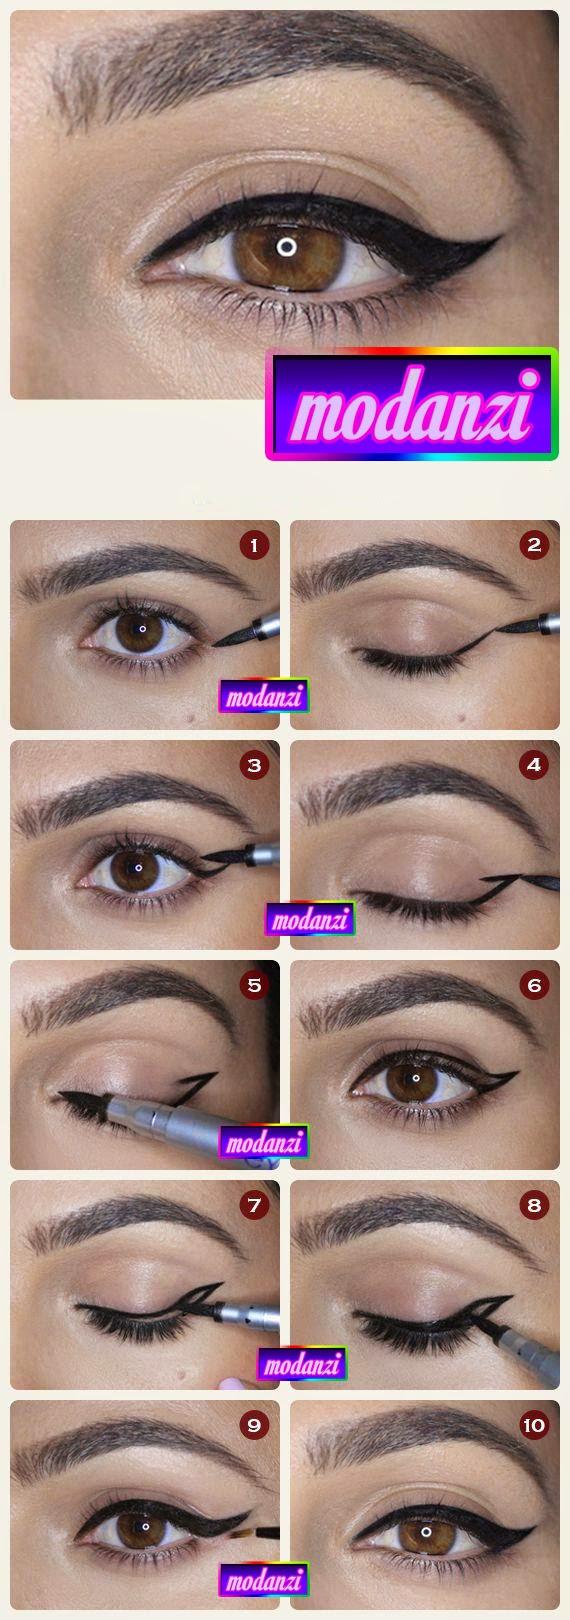 Kanatlı Eyeliner Nasıl Çekilir ? (Resimli Anlatım )